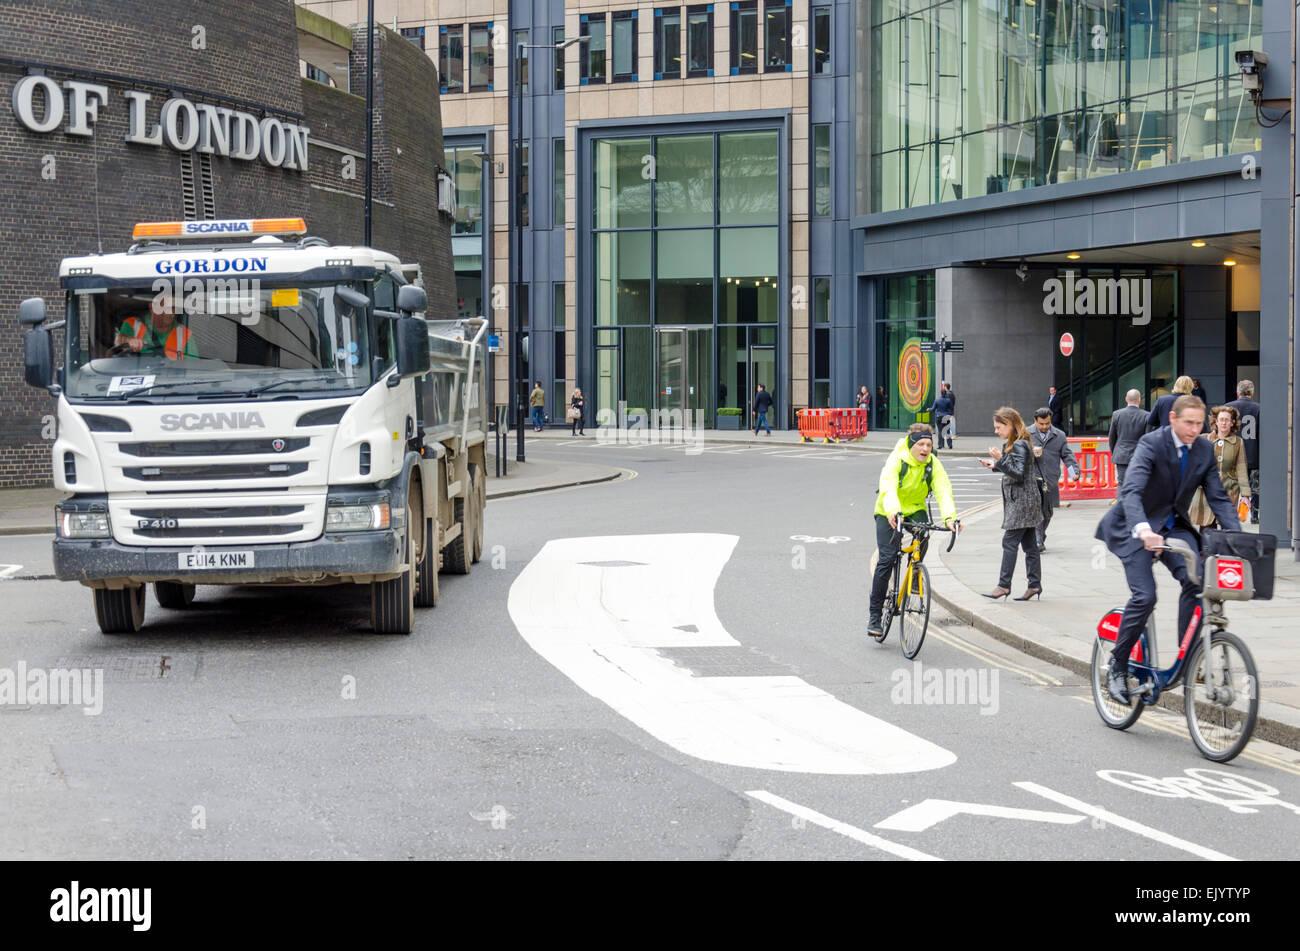 Zyklus Sicherheit Straße Markierungen Schema trennt Radfahrer und Verkehr, London, UK Stockfoto